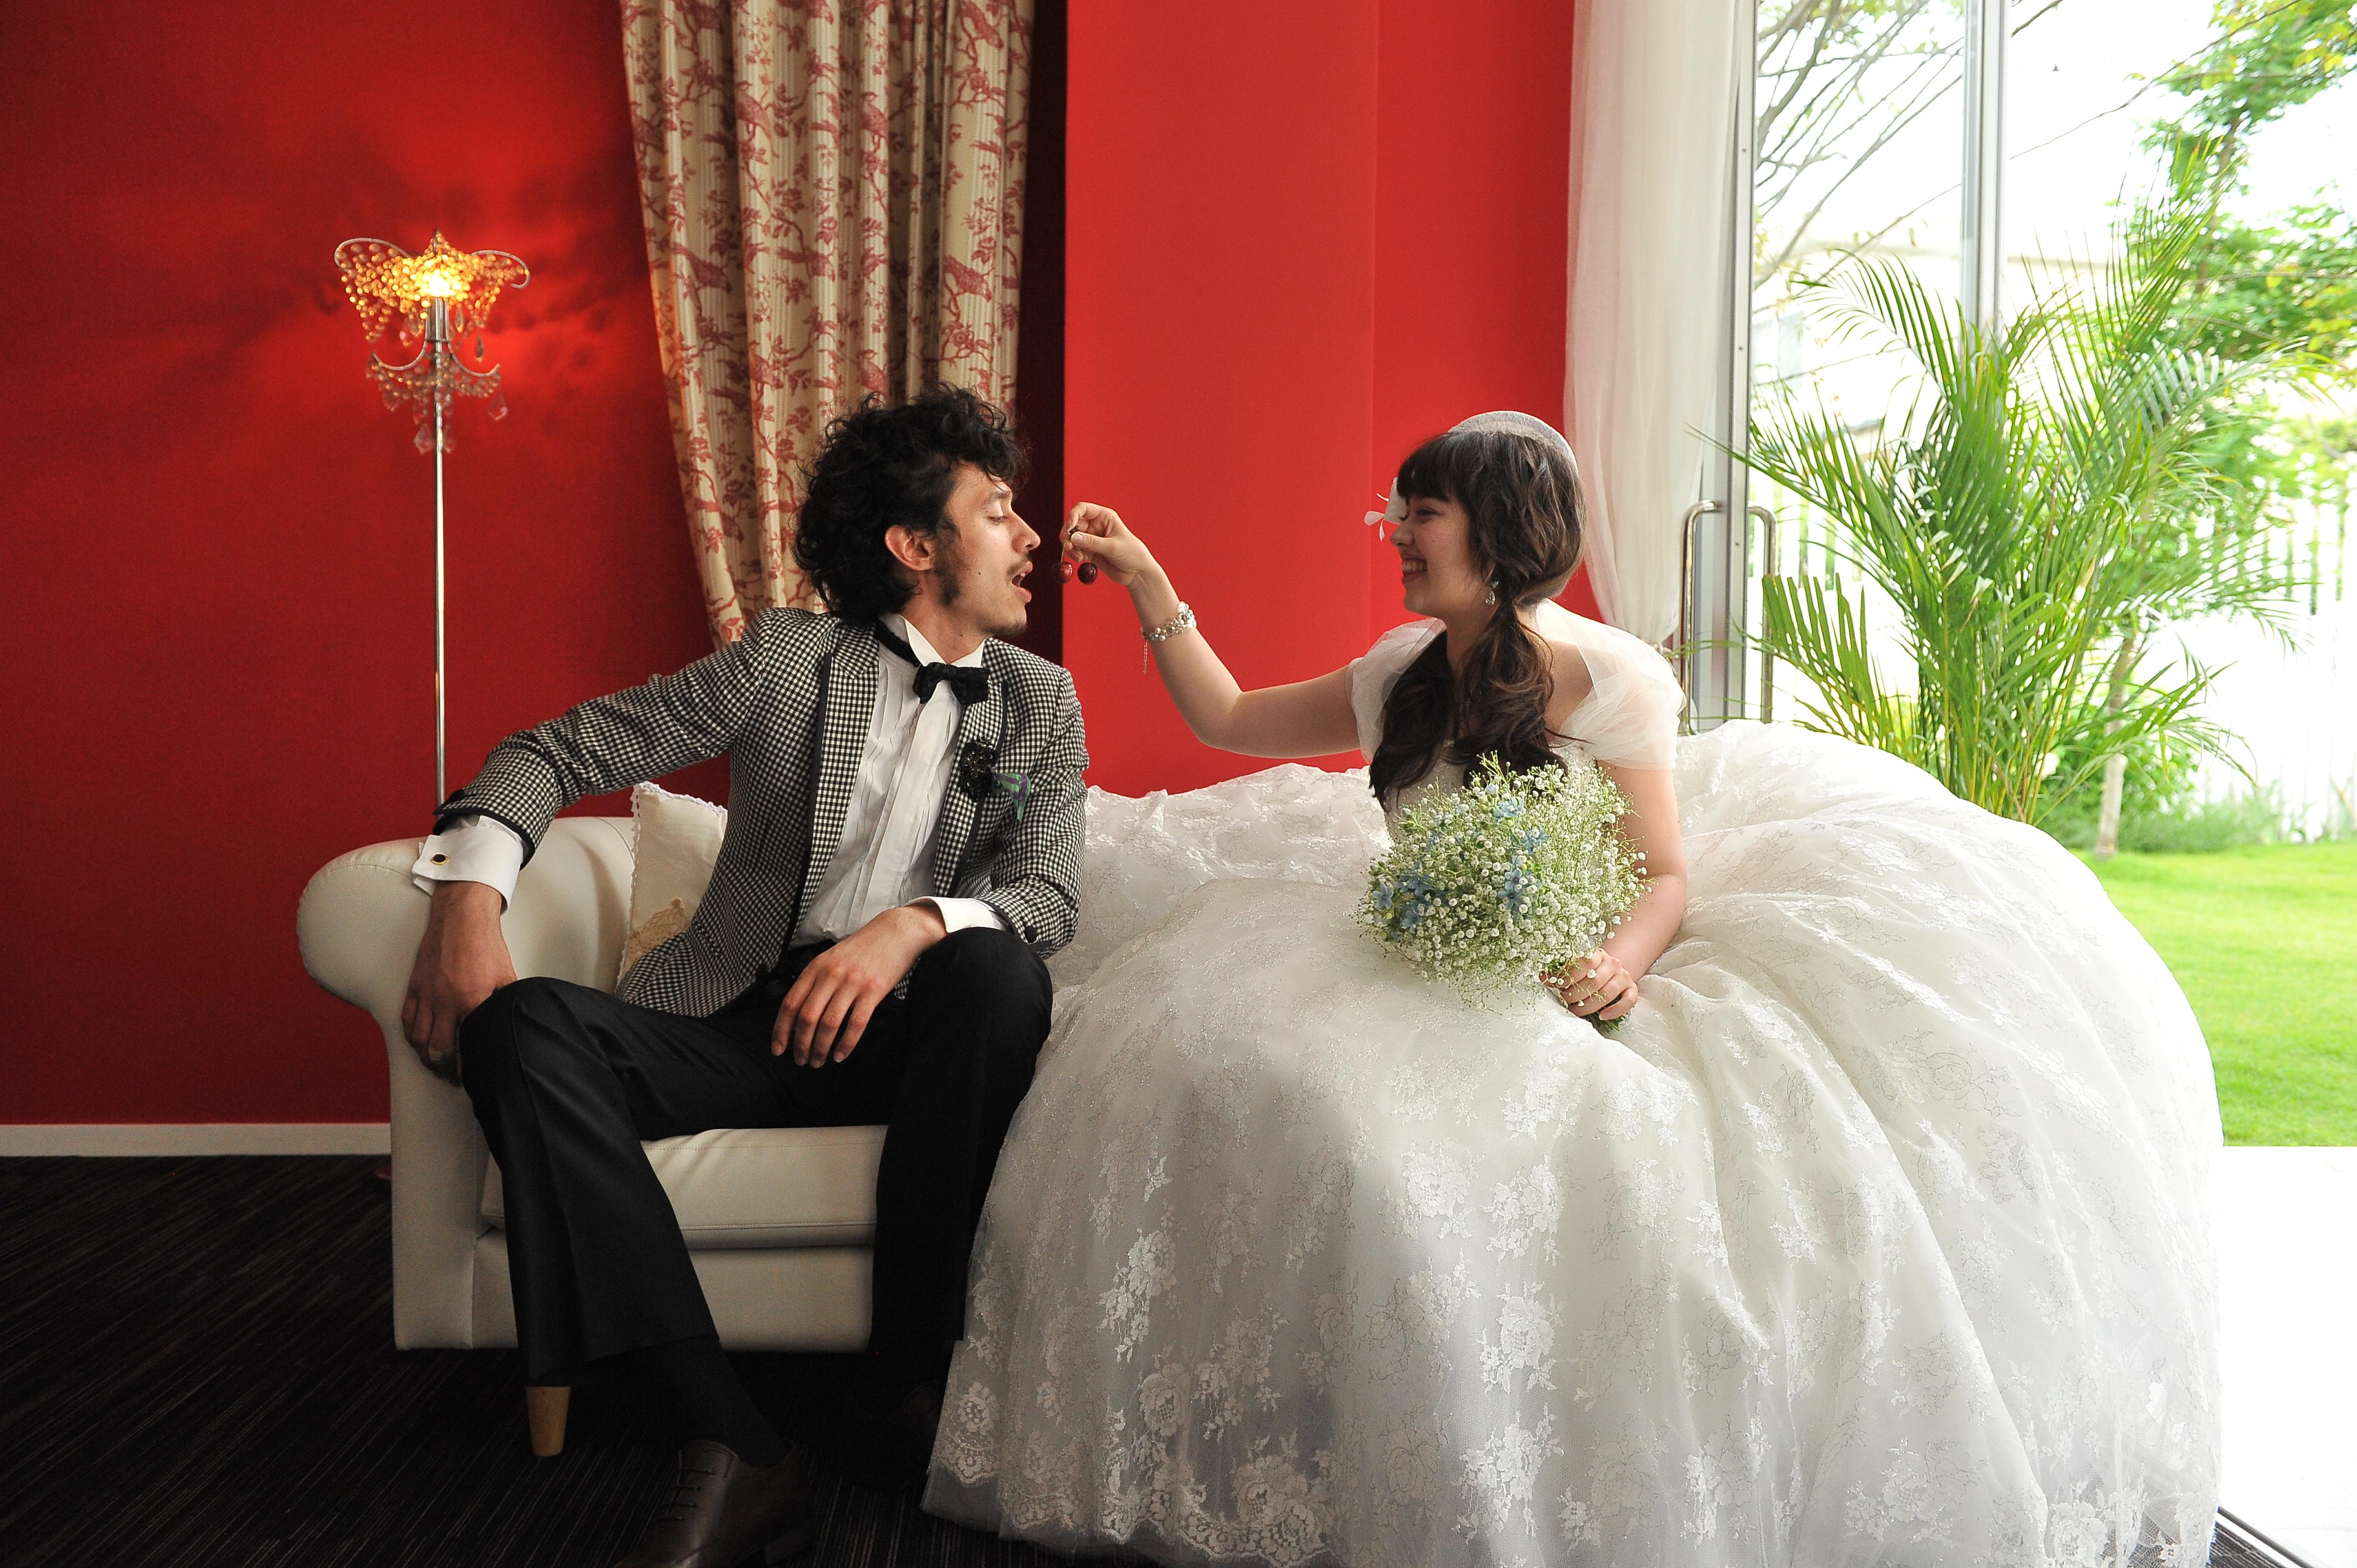 2015年度タキシード&ウェディングドレス実例集まとめ500【結婚式・新郎新婦2シ\u2026